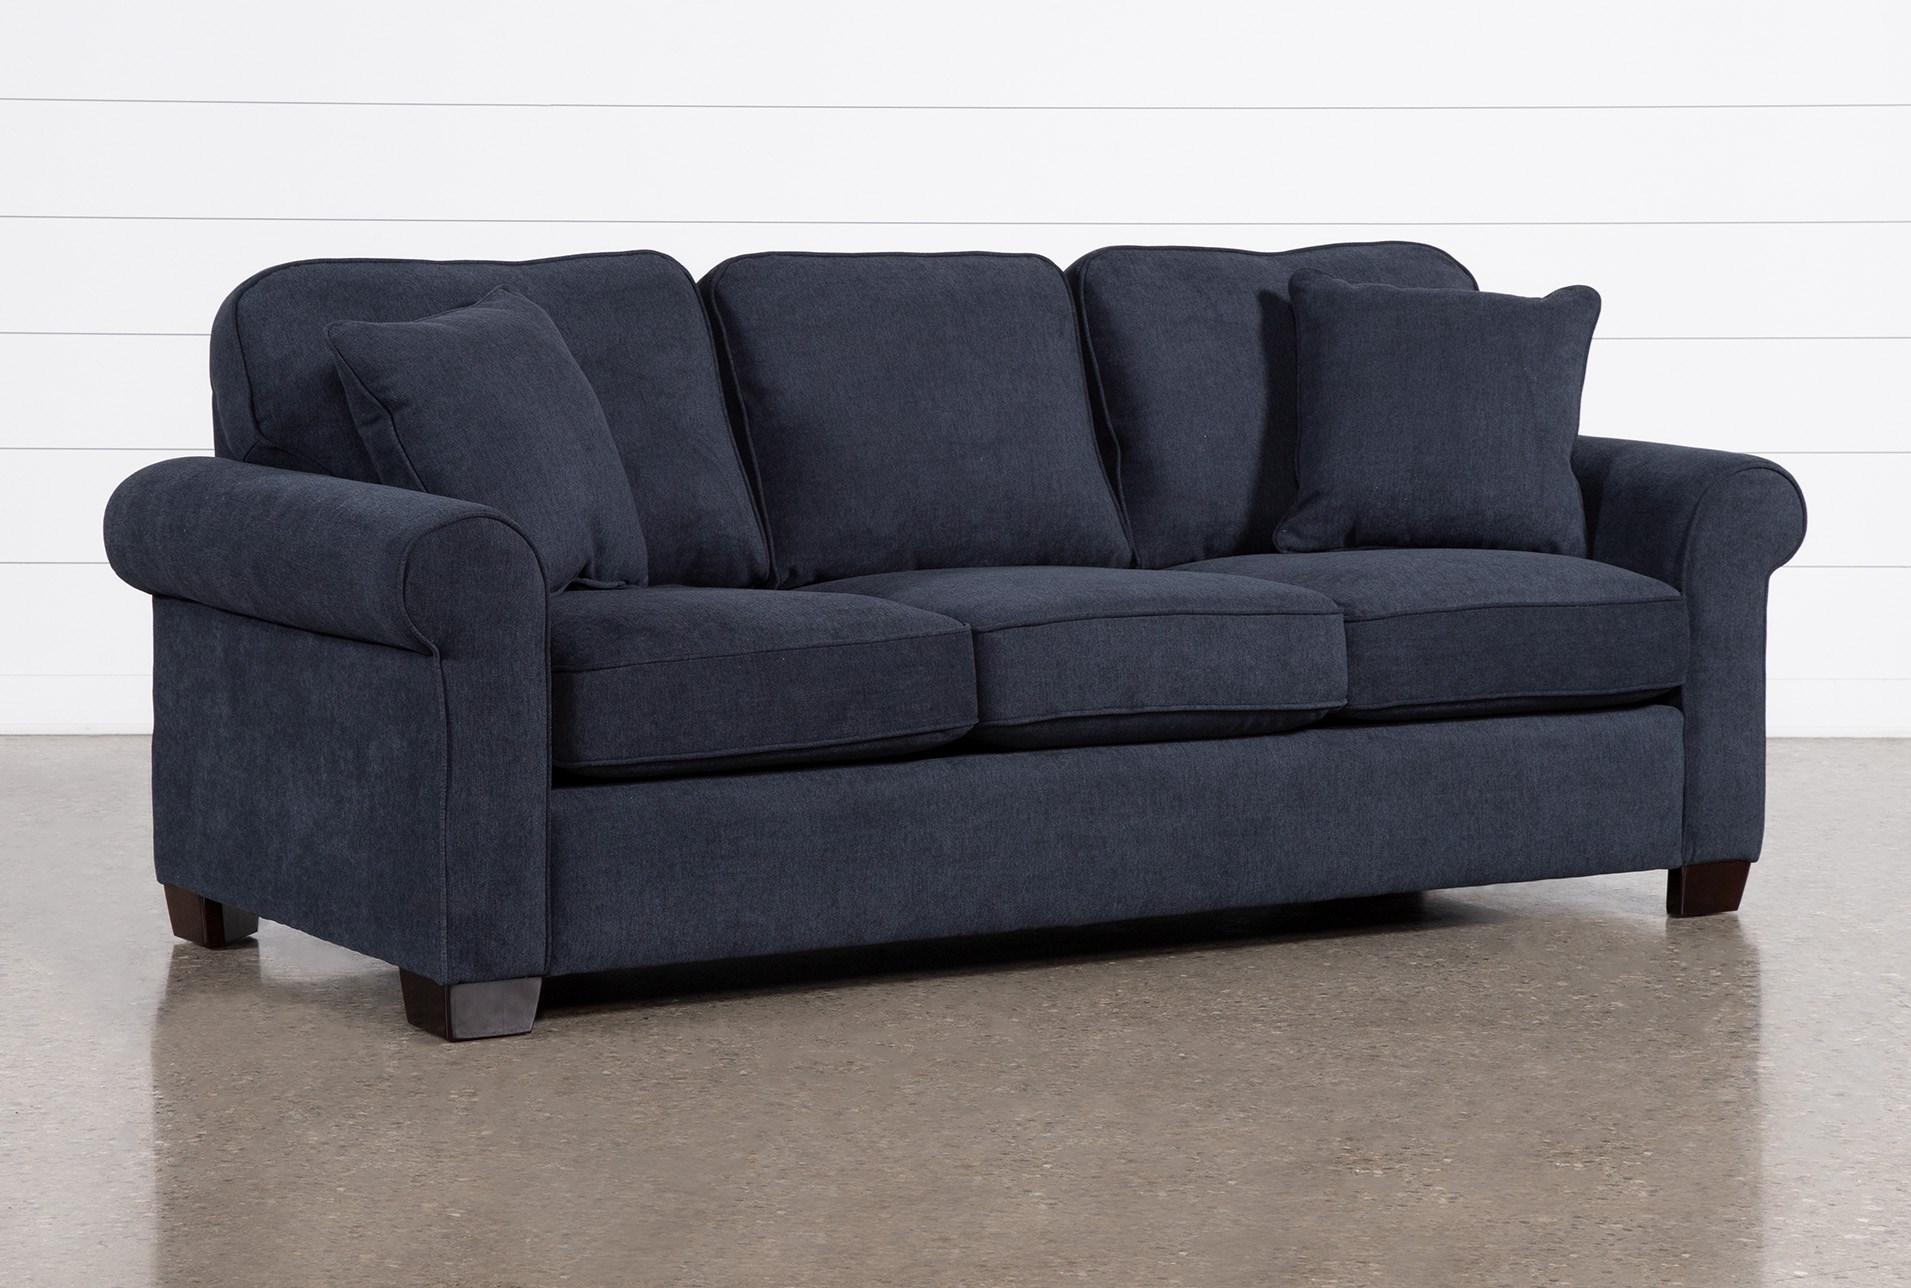 Margot Denim Queen Sleeper Sofa With